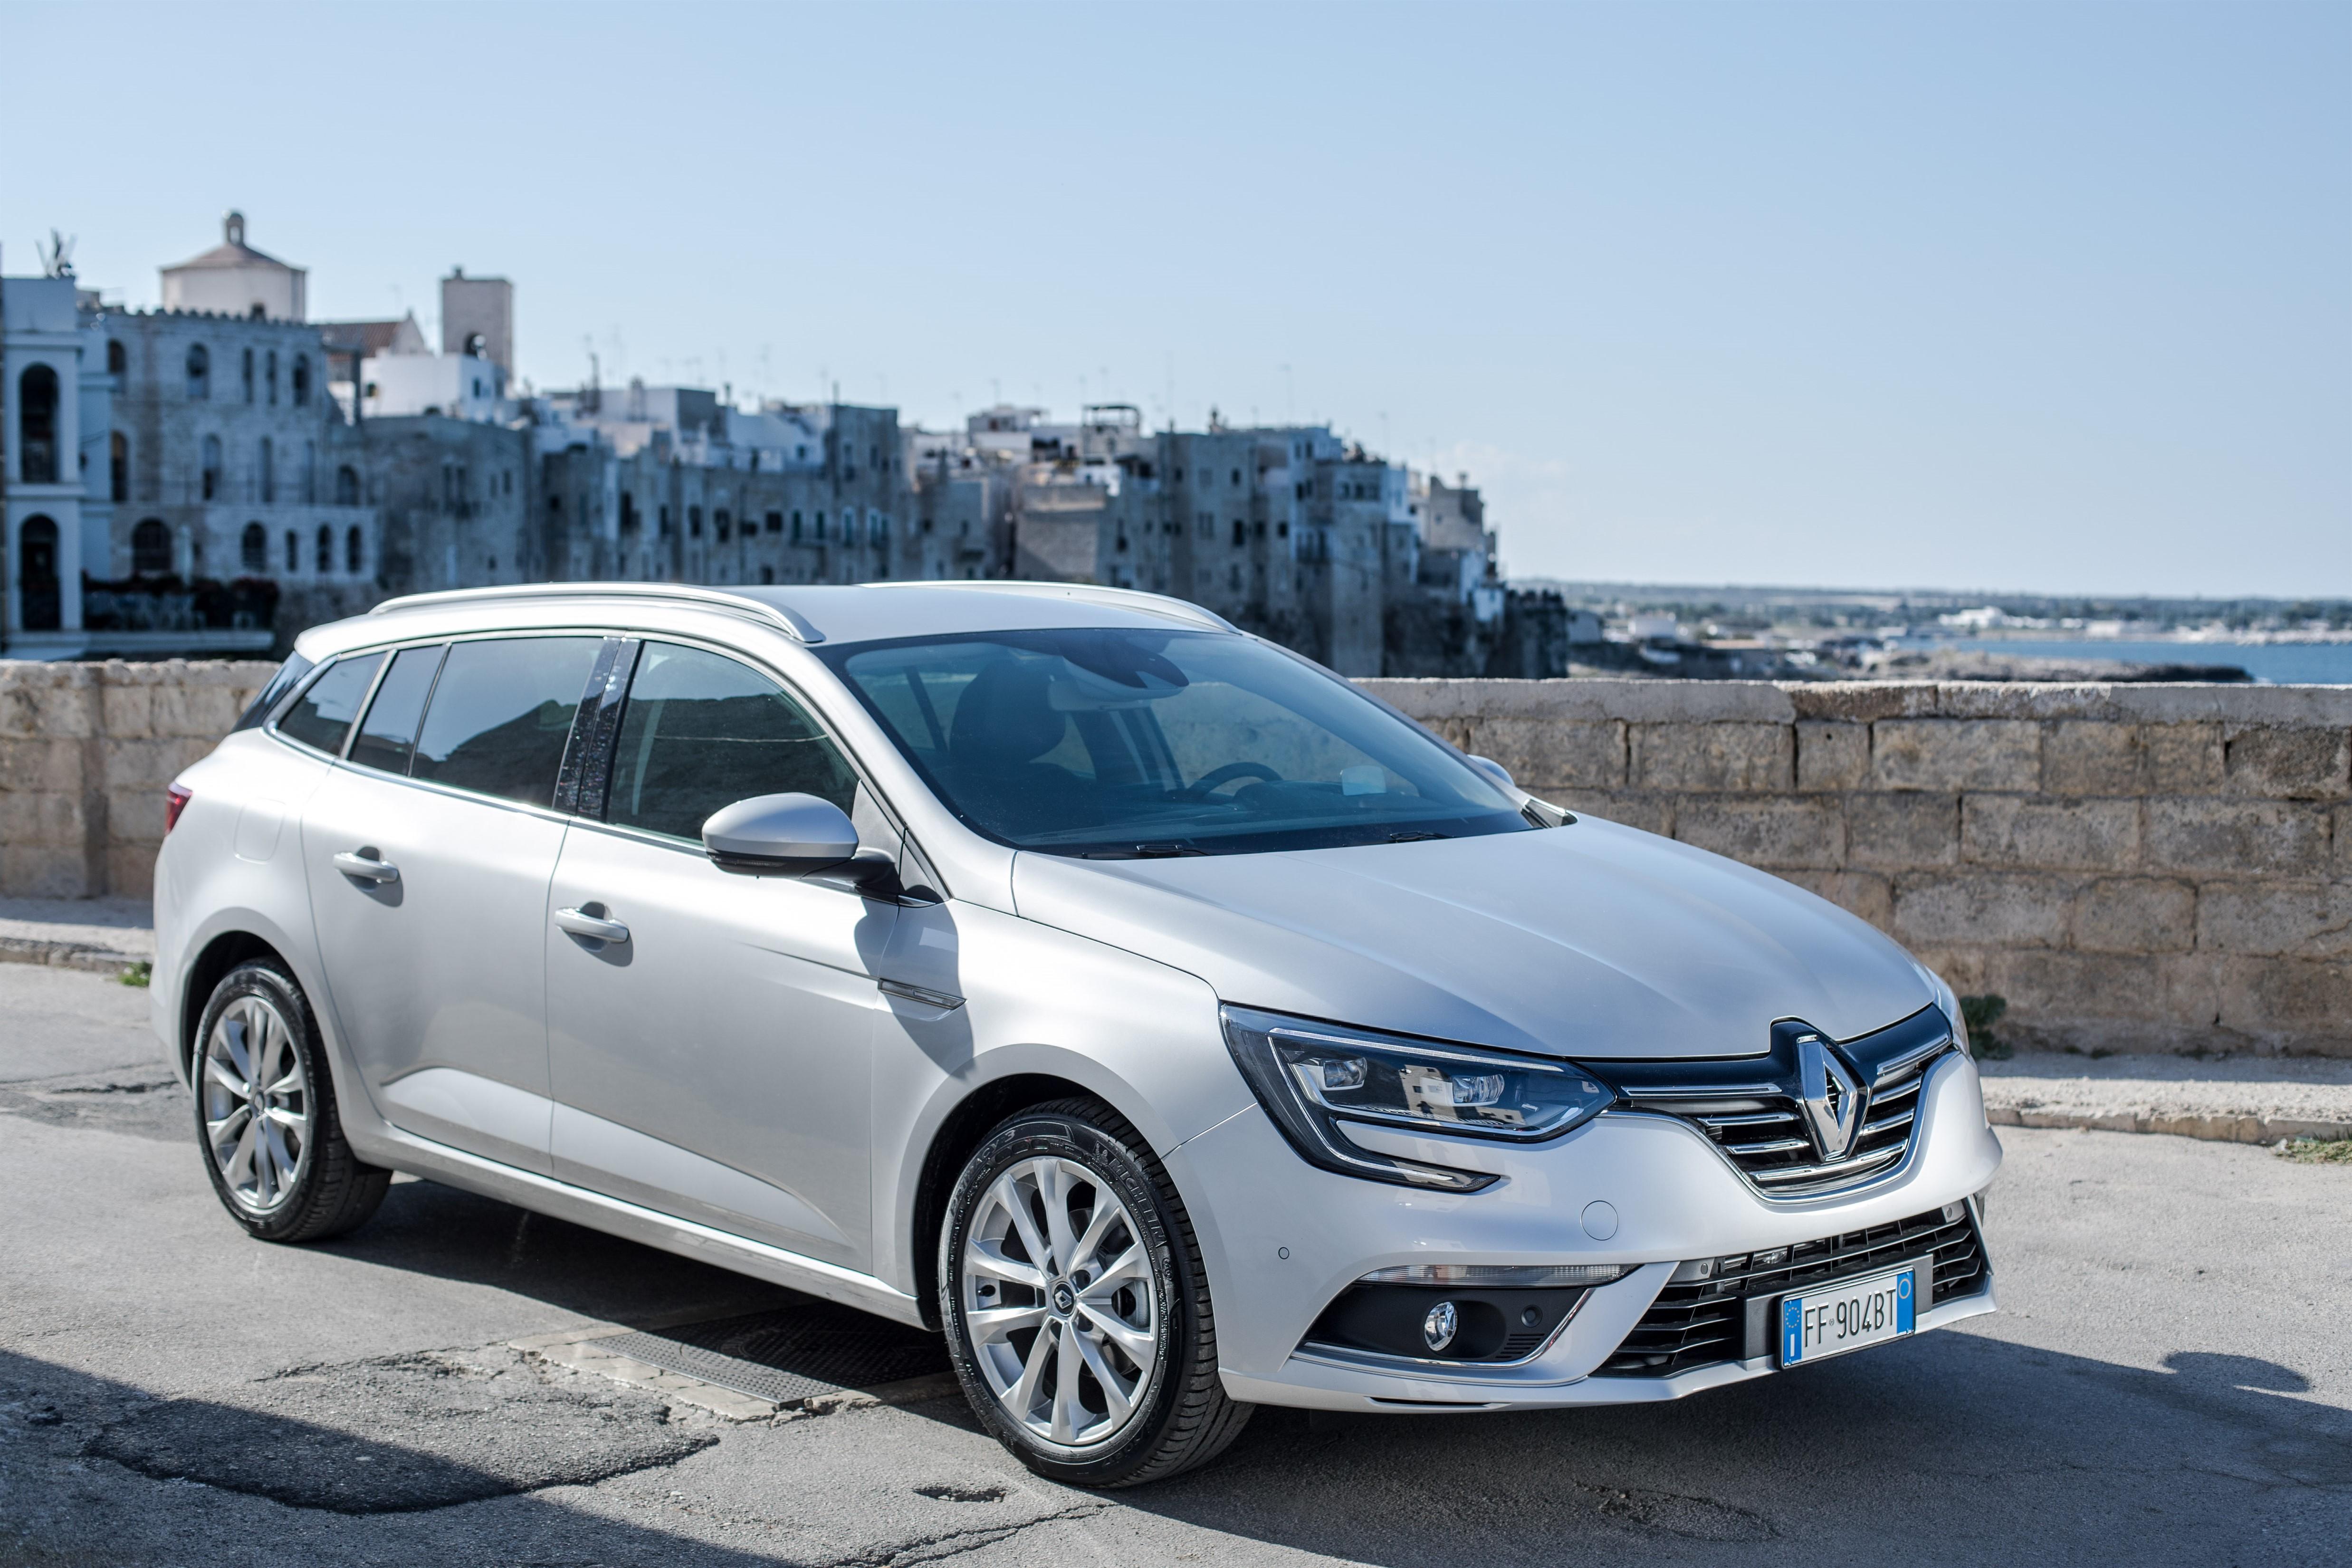 Renault Megane Sporter 1.6 dCi BOSE